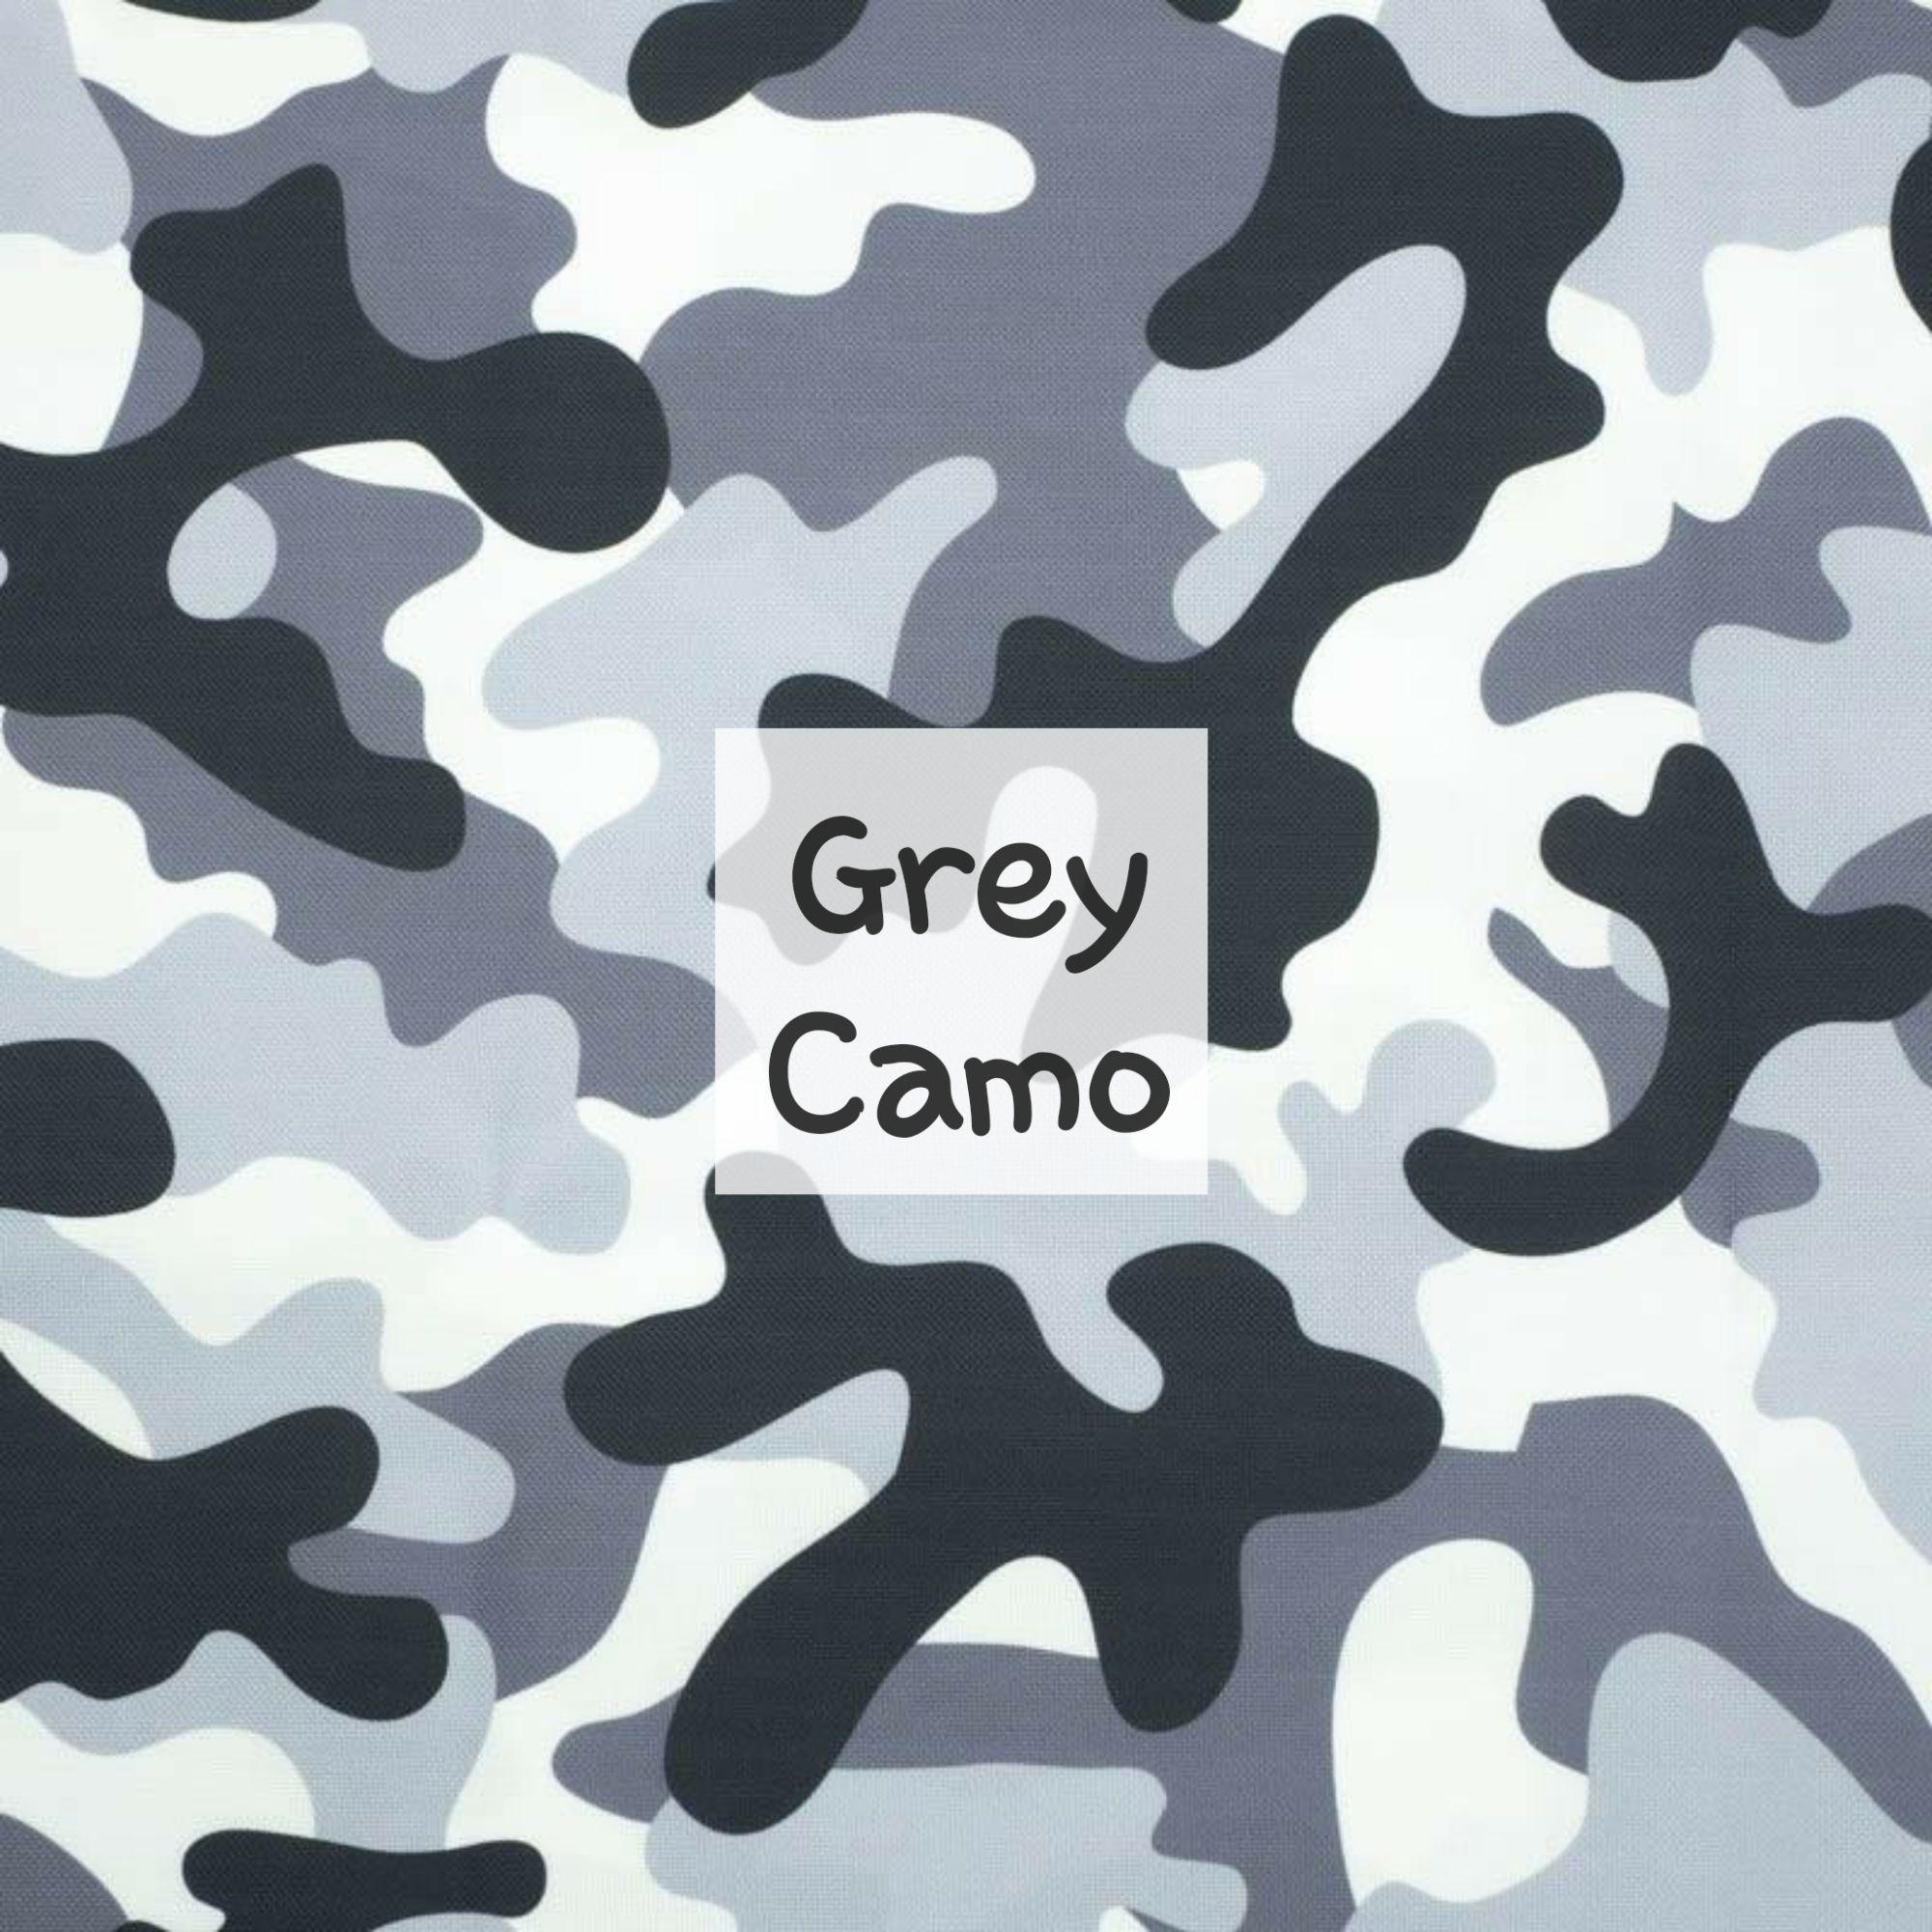 Grey Camo